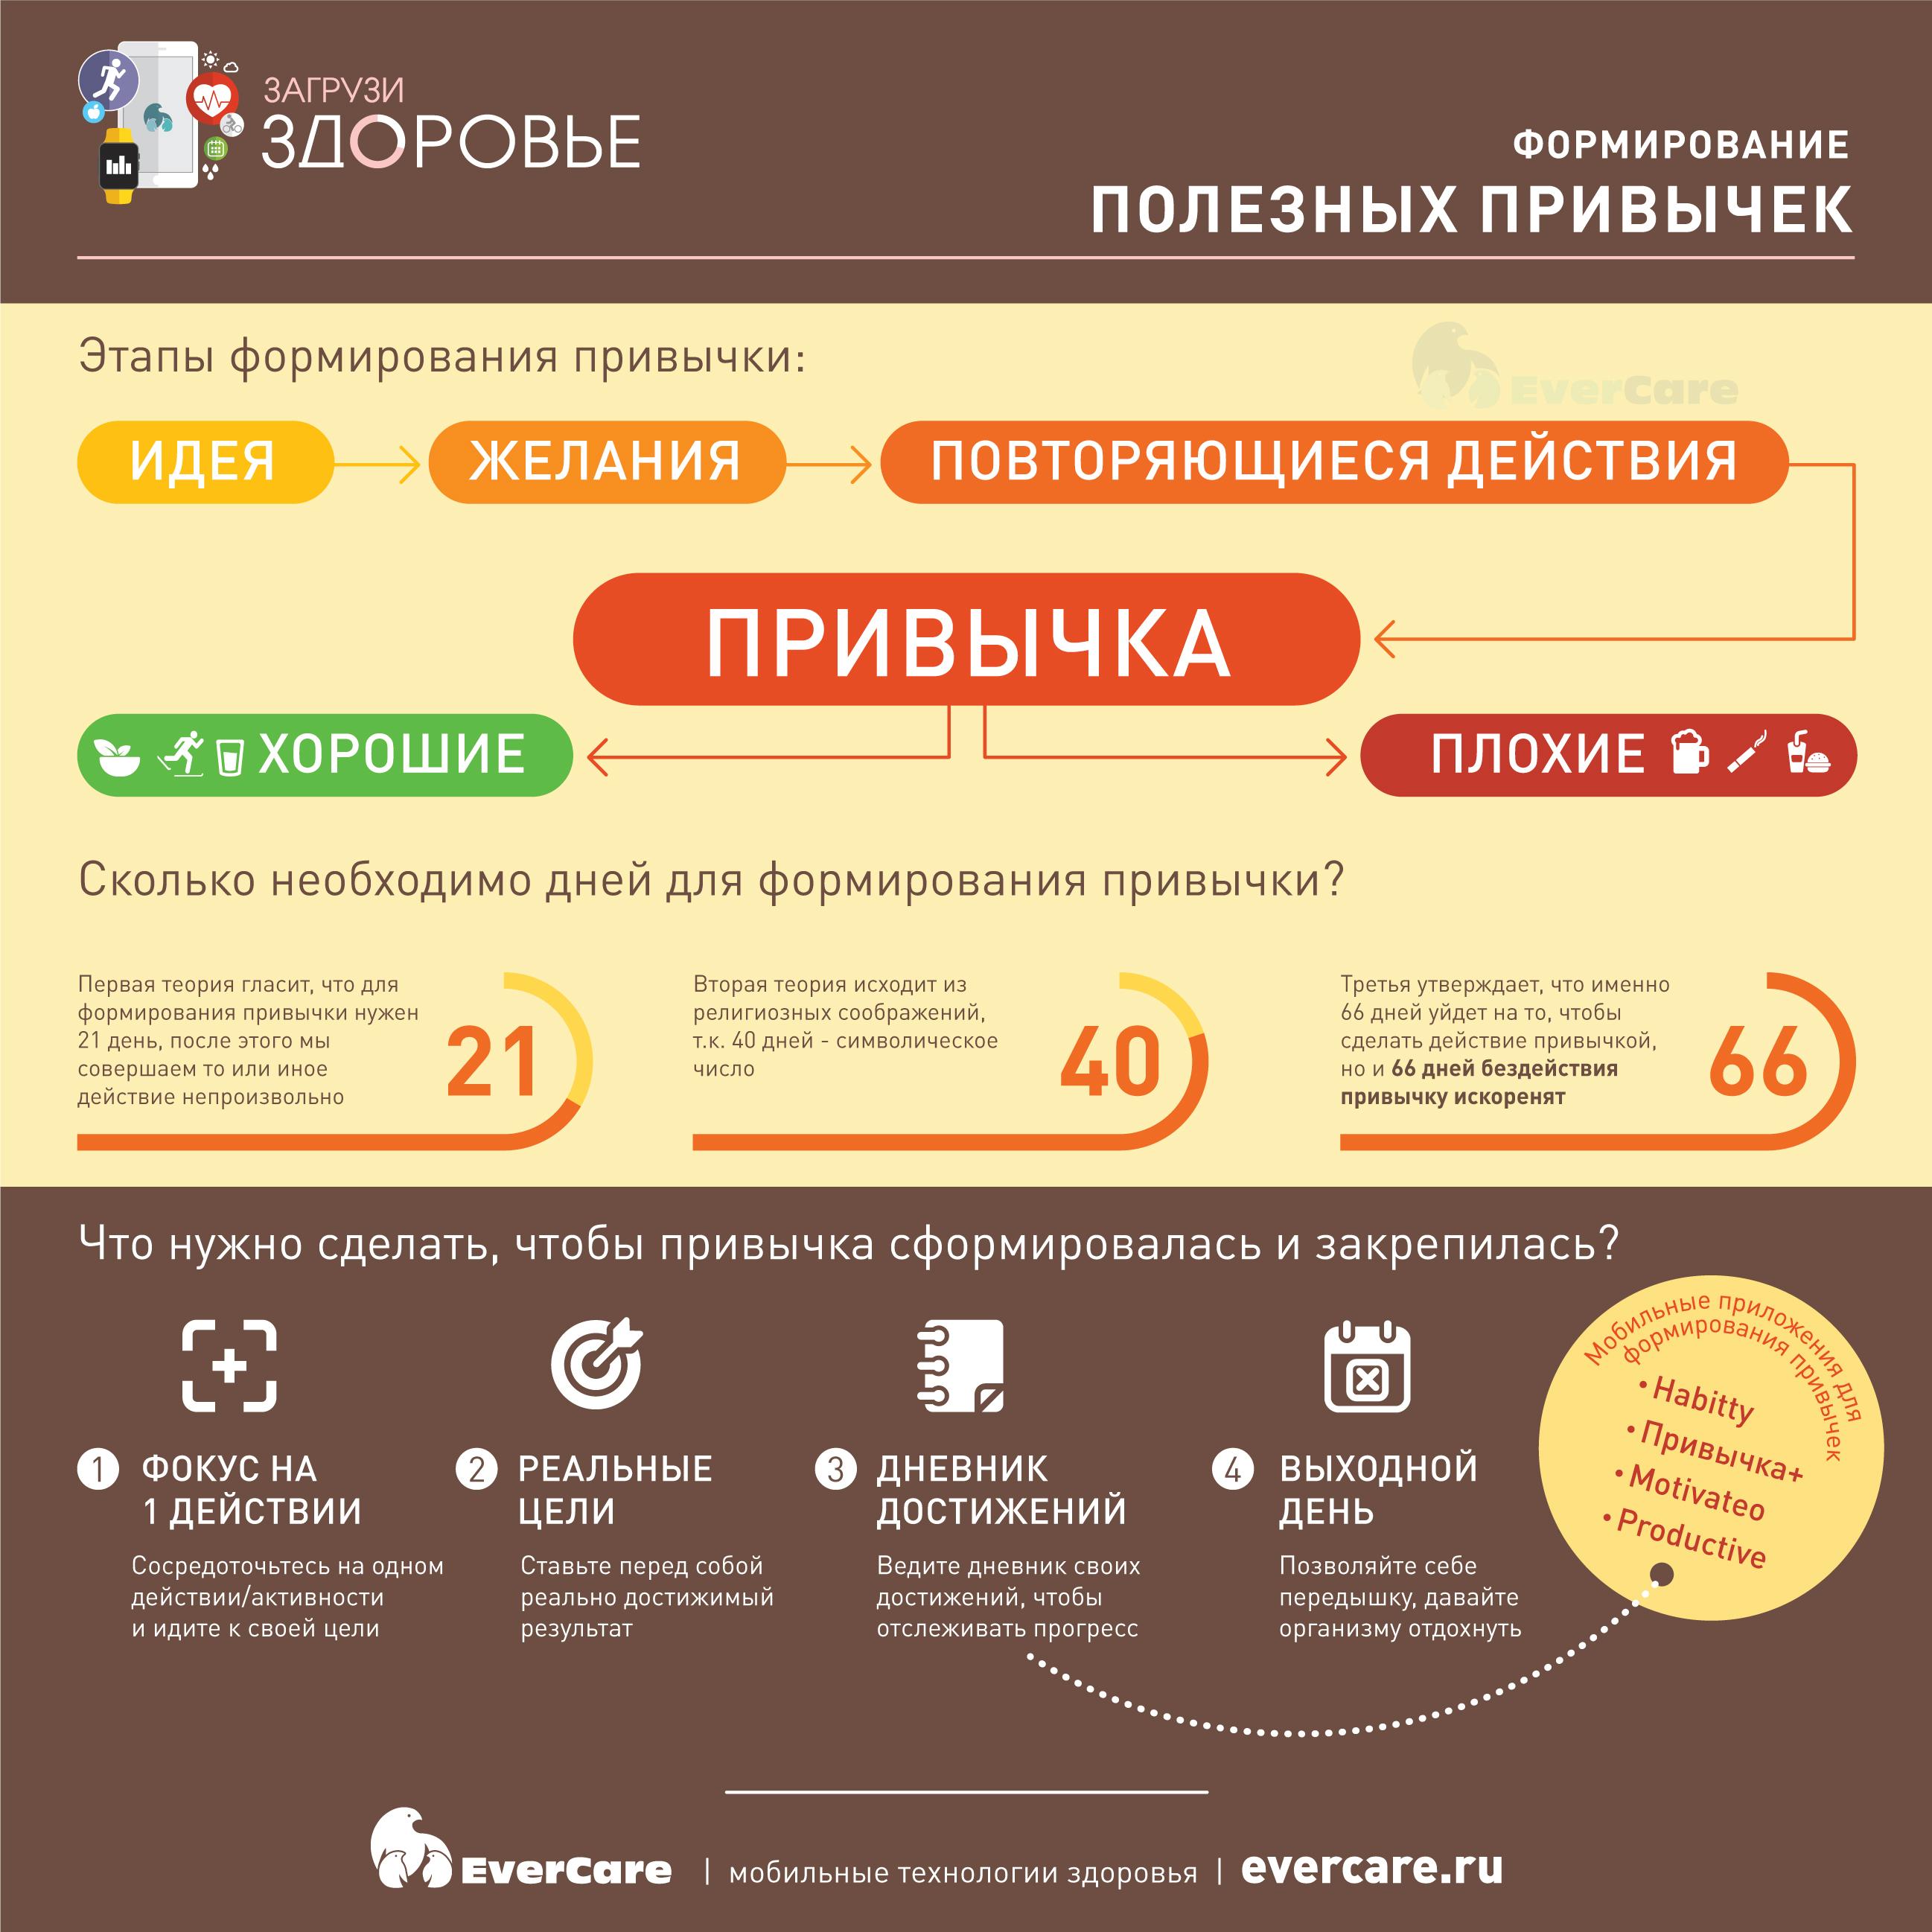 Формирование полезных привычек, Инфографика